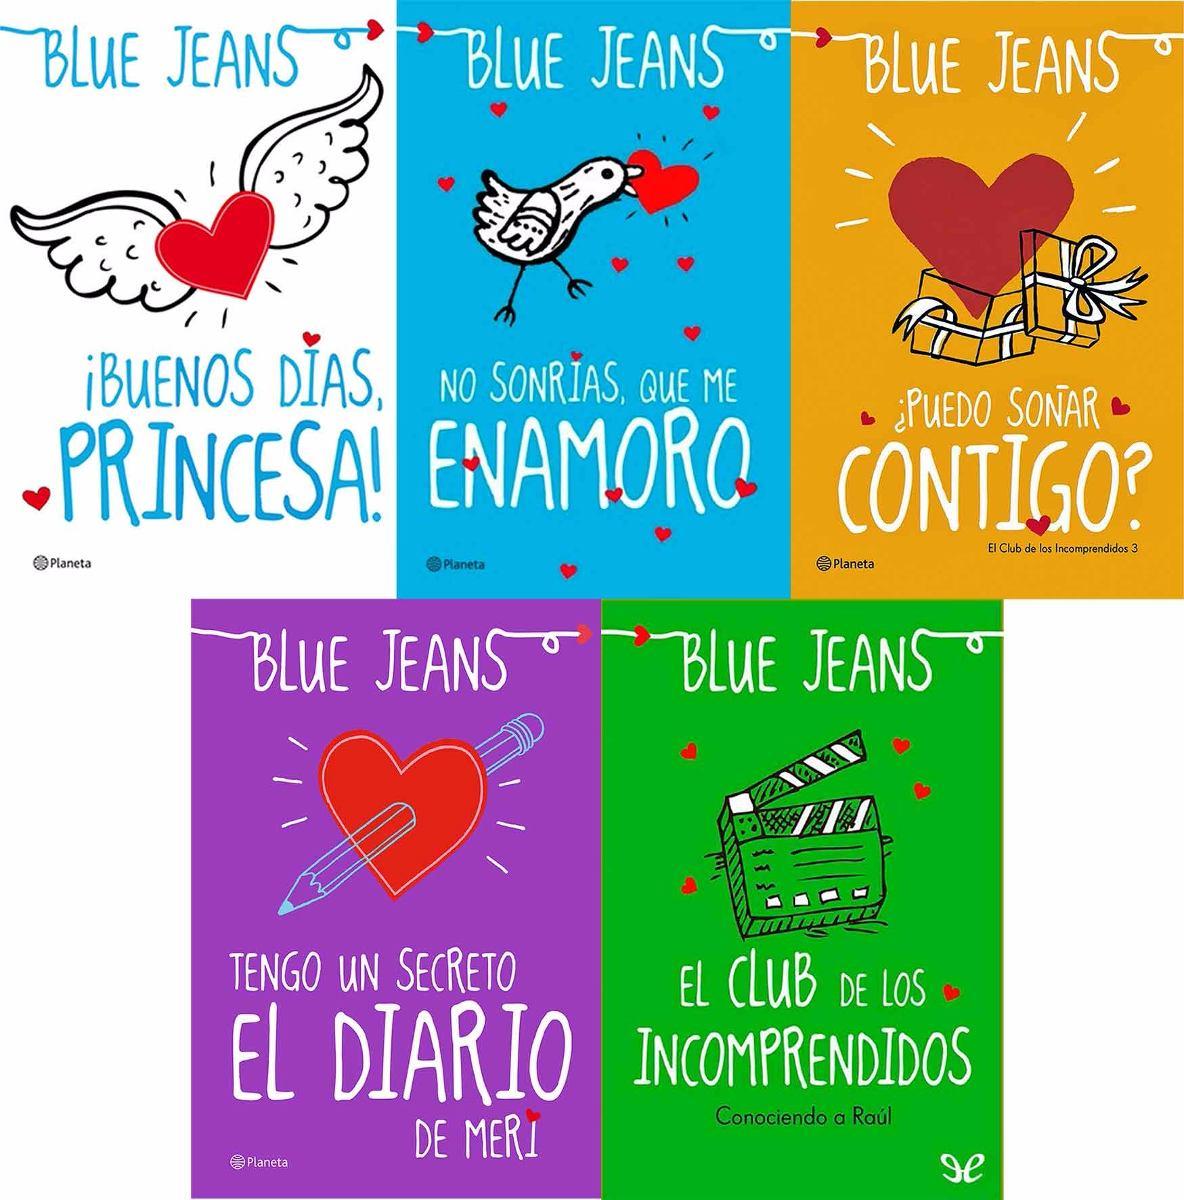 Melodía Literaria Reseña El Club De Los Incomprendidos De Blue Jeans